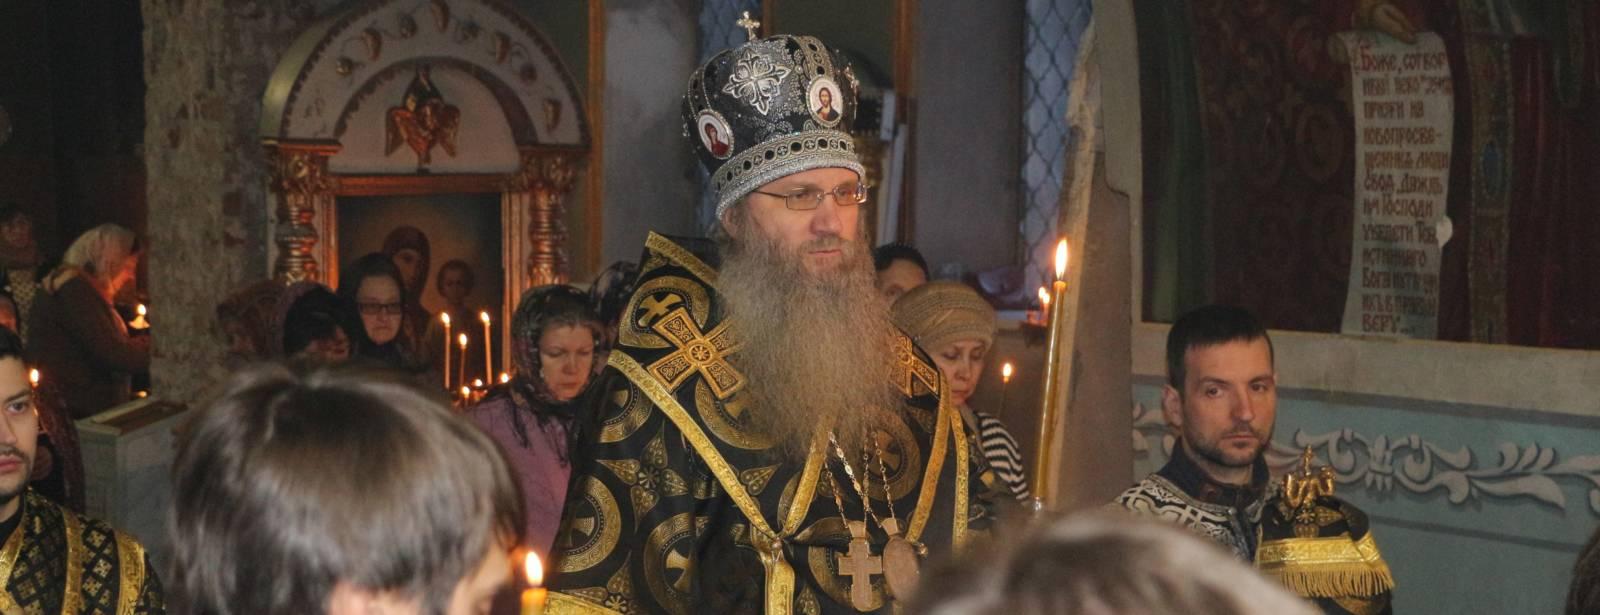 Епископ Елисей совершил 1-ю Пассию в Покровском кафедральном соборе г. Урюпинска.